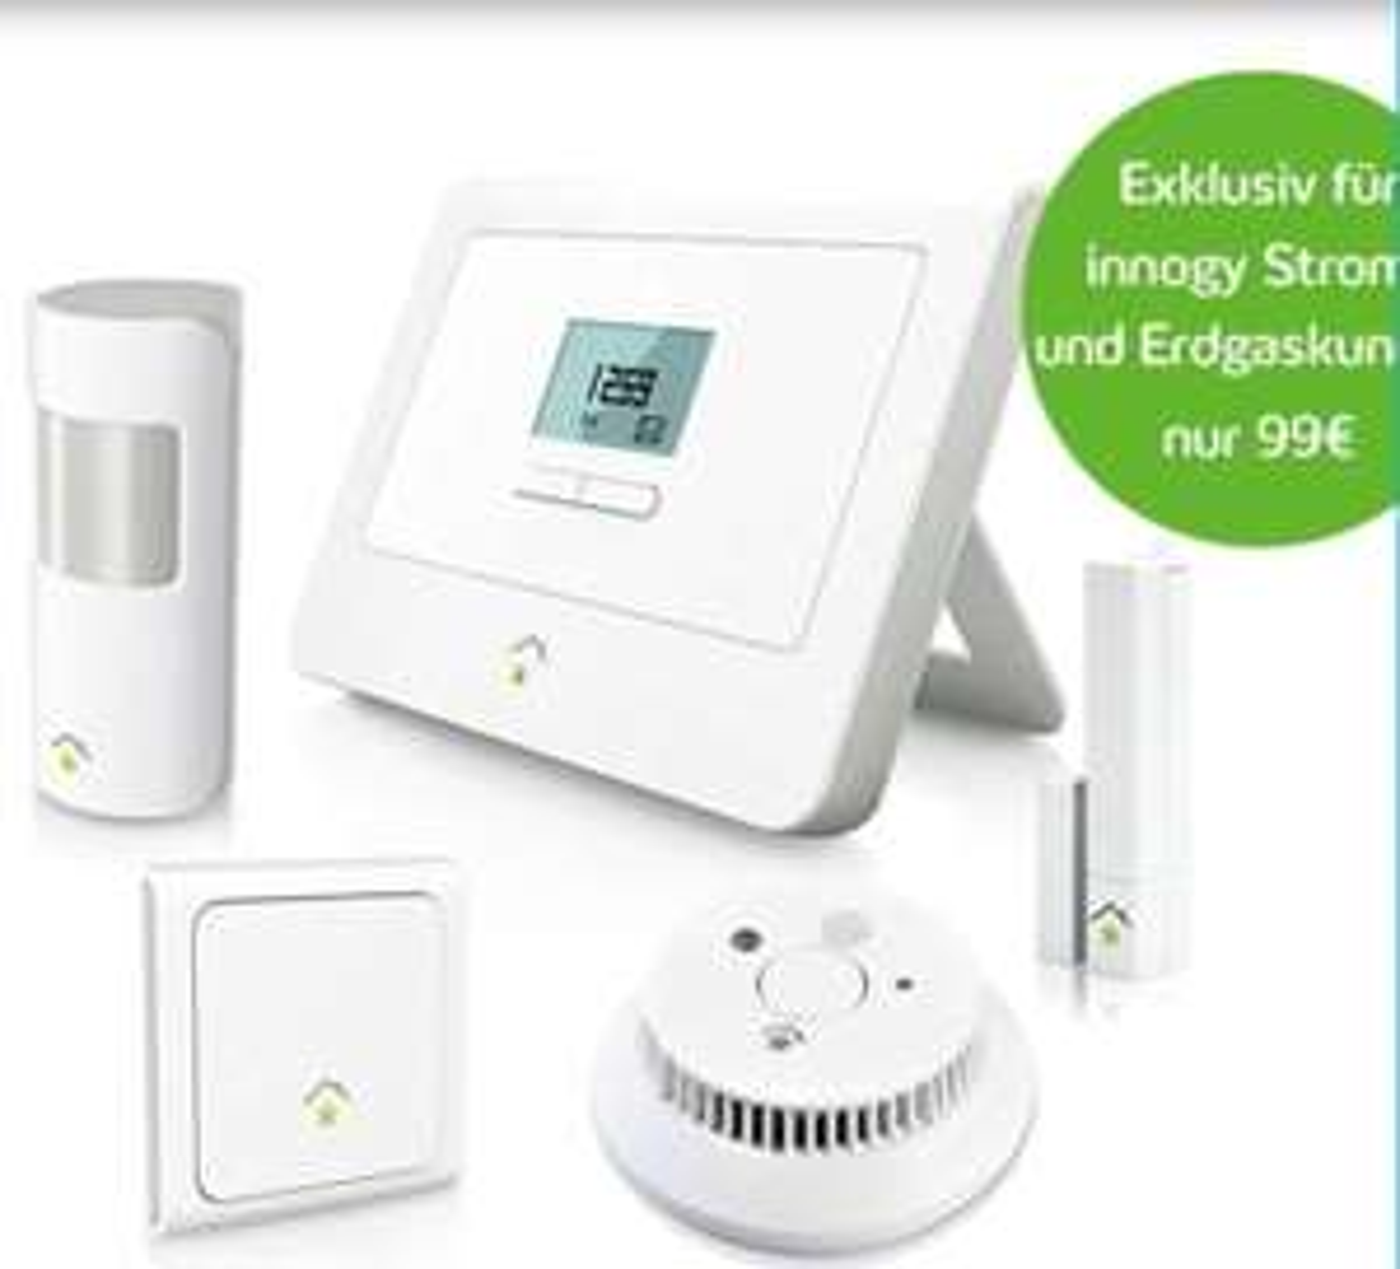 [innogy-Kunden] SmartHome Paket Sicherheit